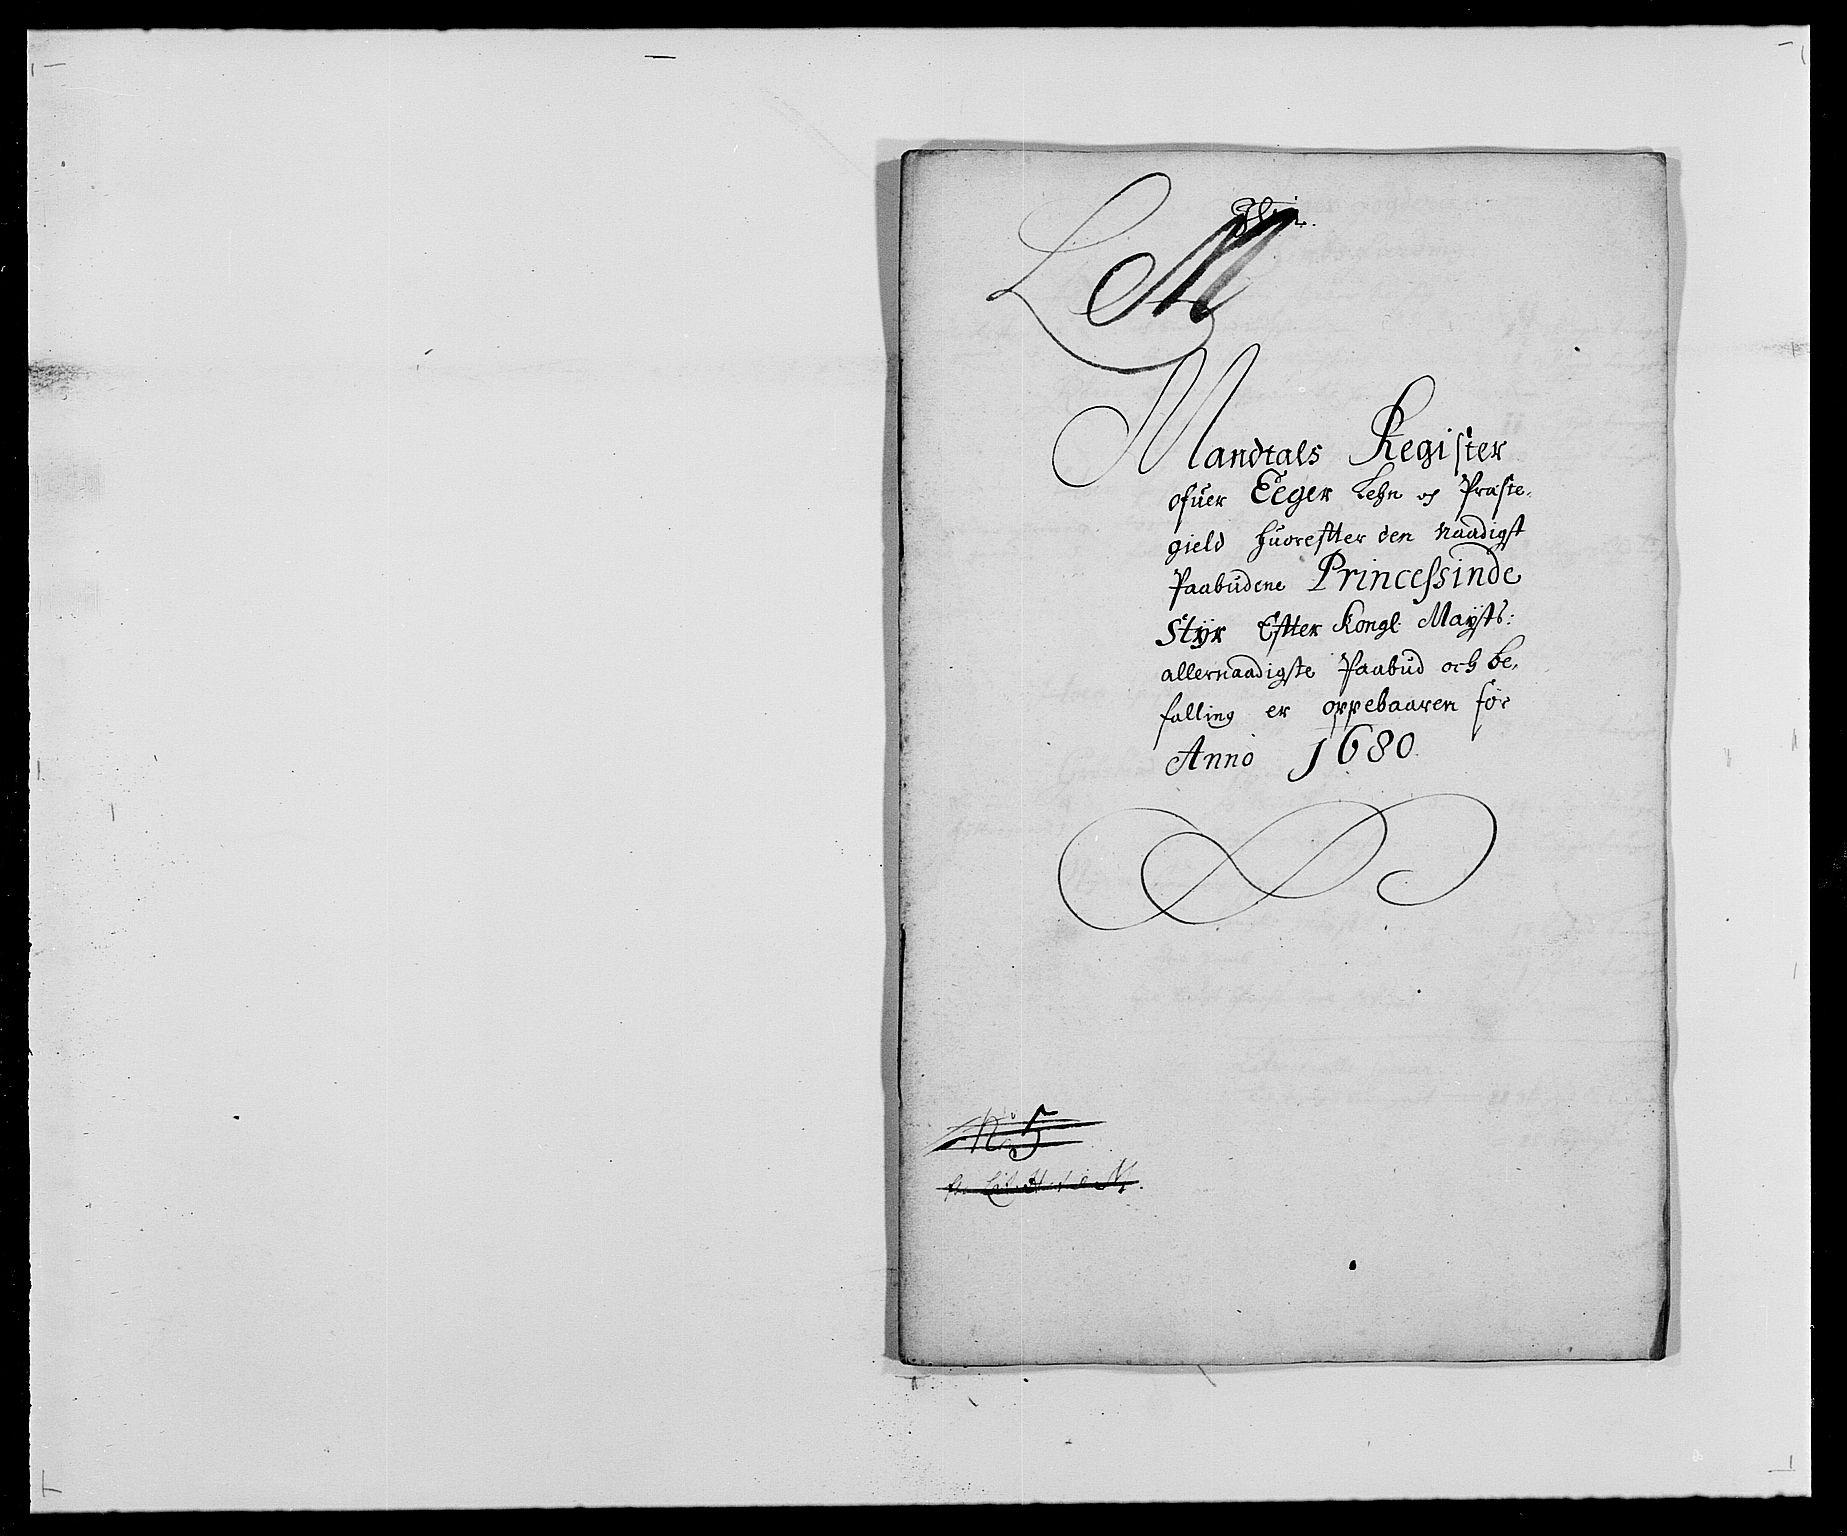 RA, Rentekammeret inntil 1814, Reviderte regnskaper, Fogderegnskap, R26/L1684: Fogderegnskap Eiker, 1679-1686, s. 166